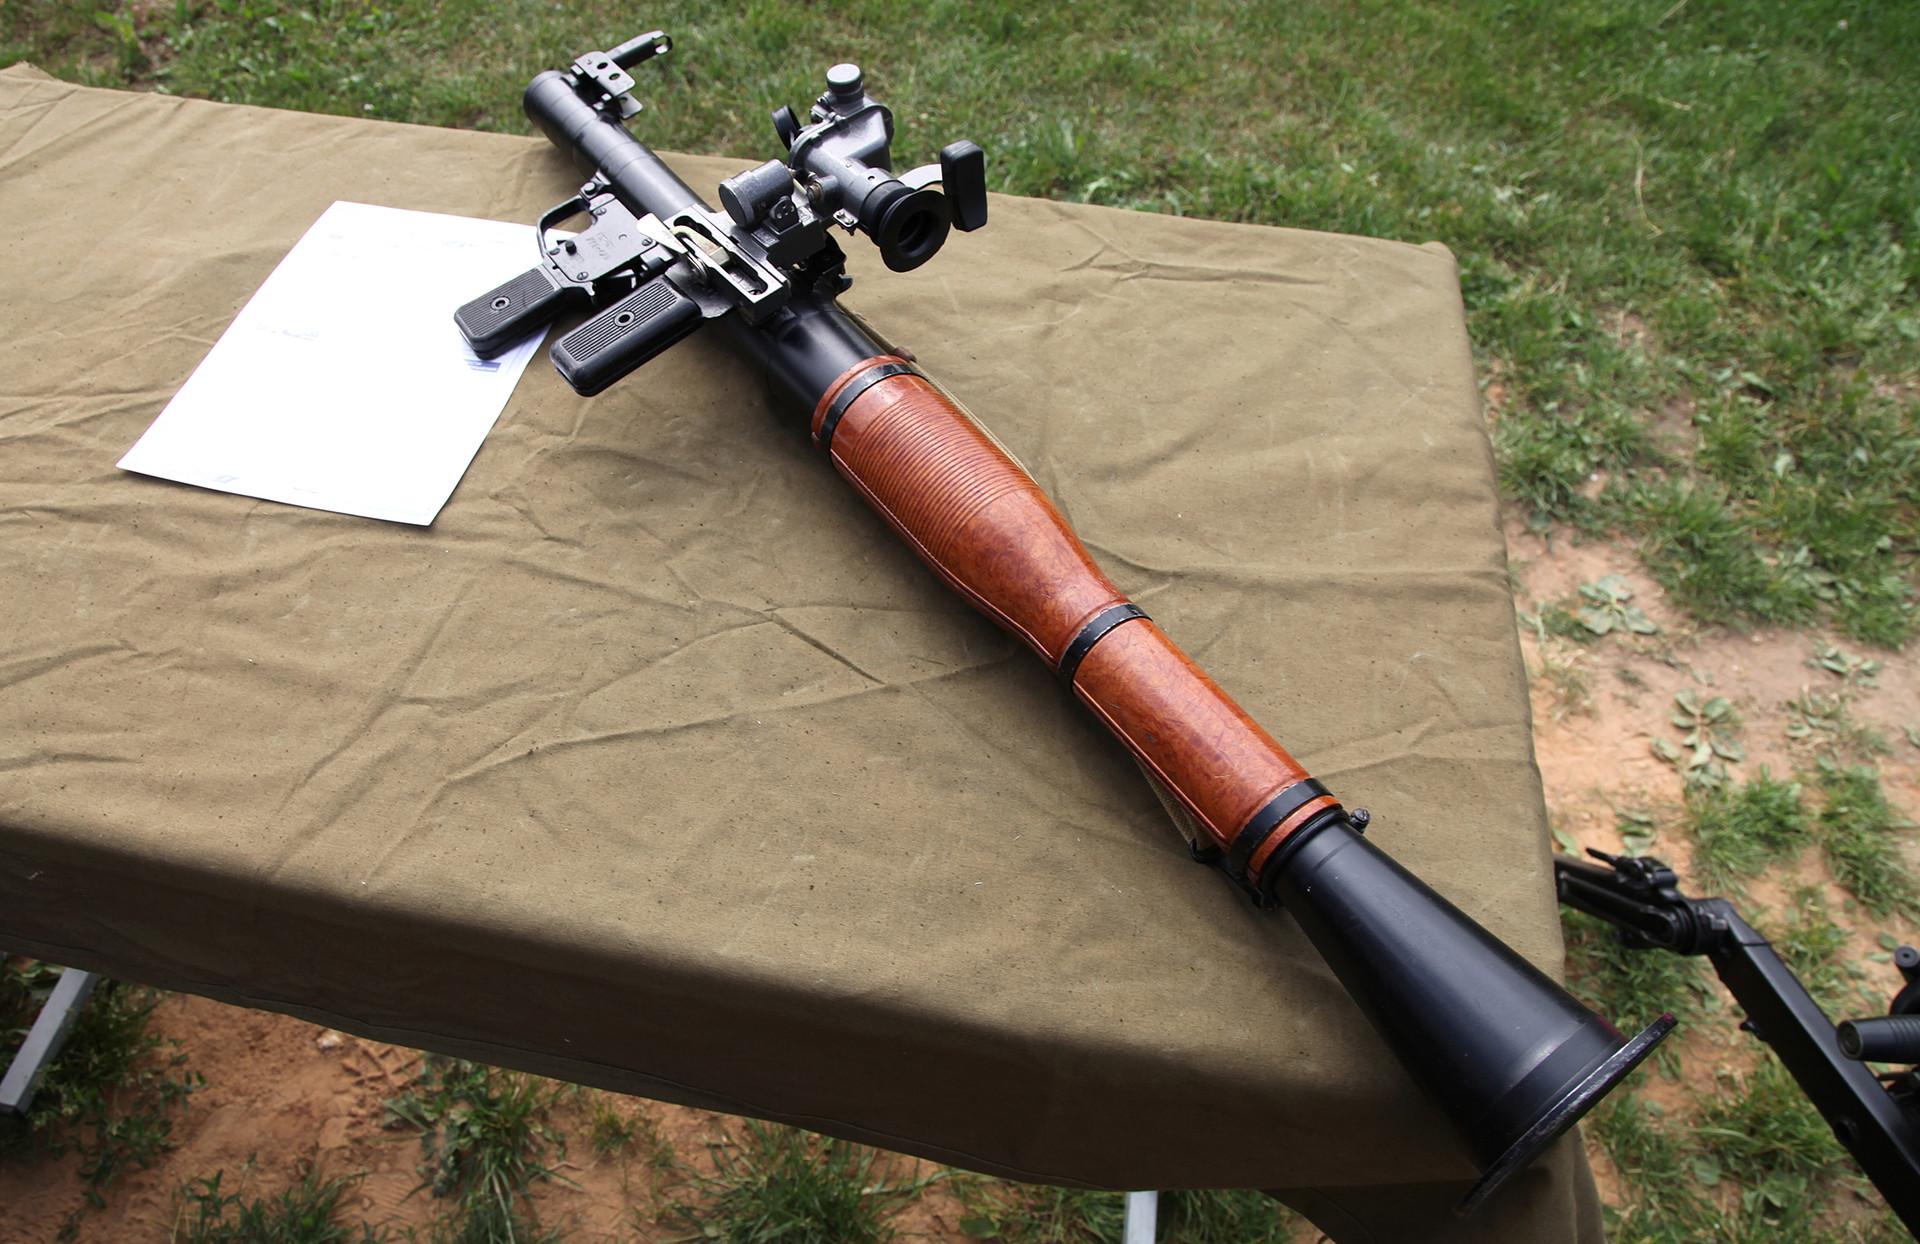 RPG-7V1